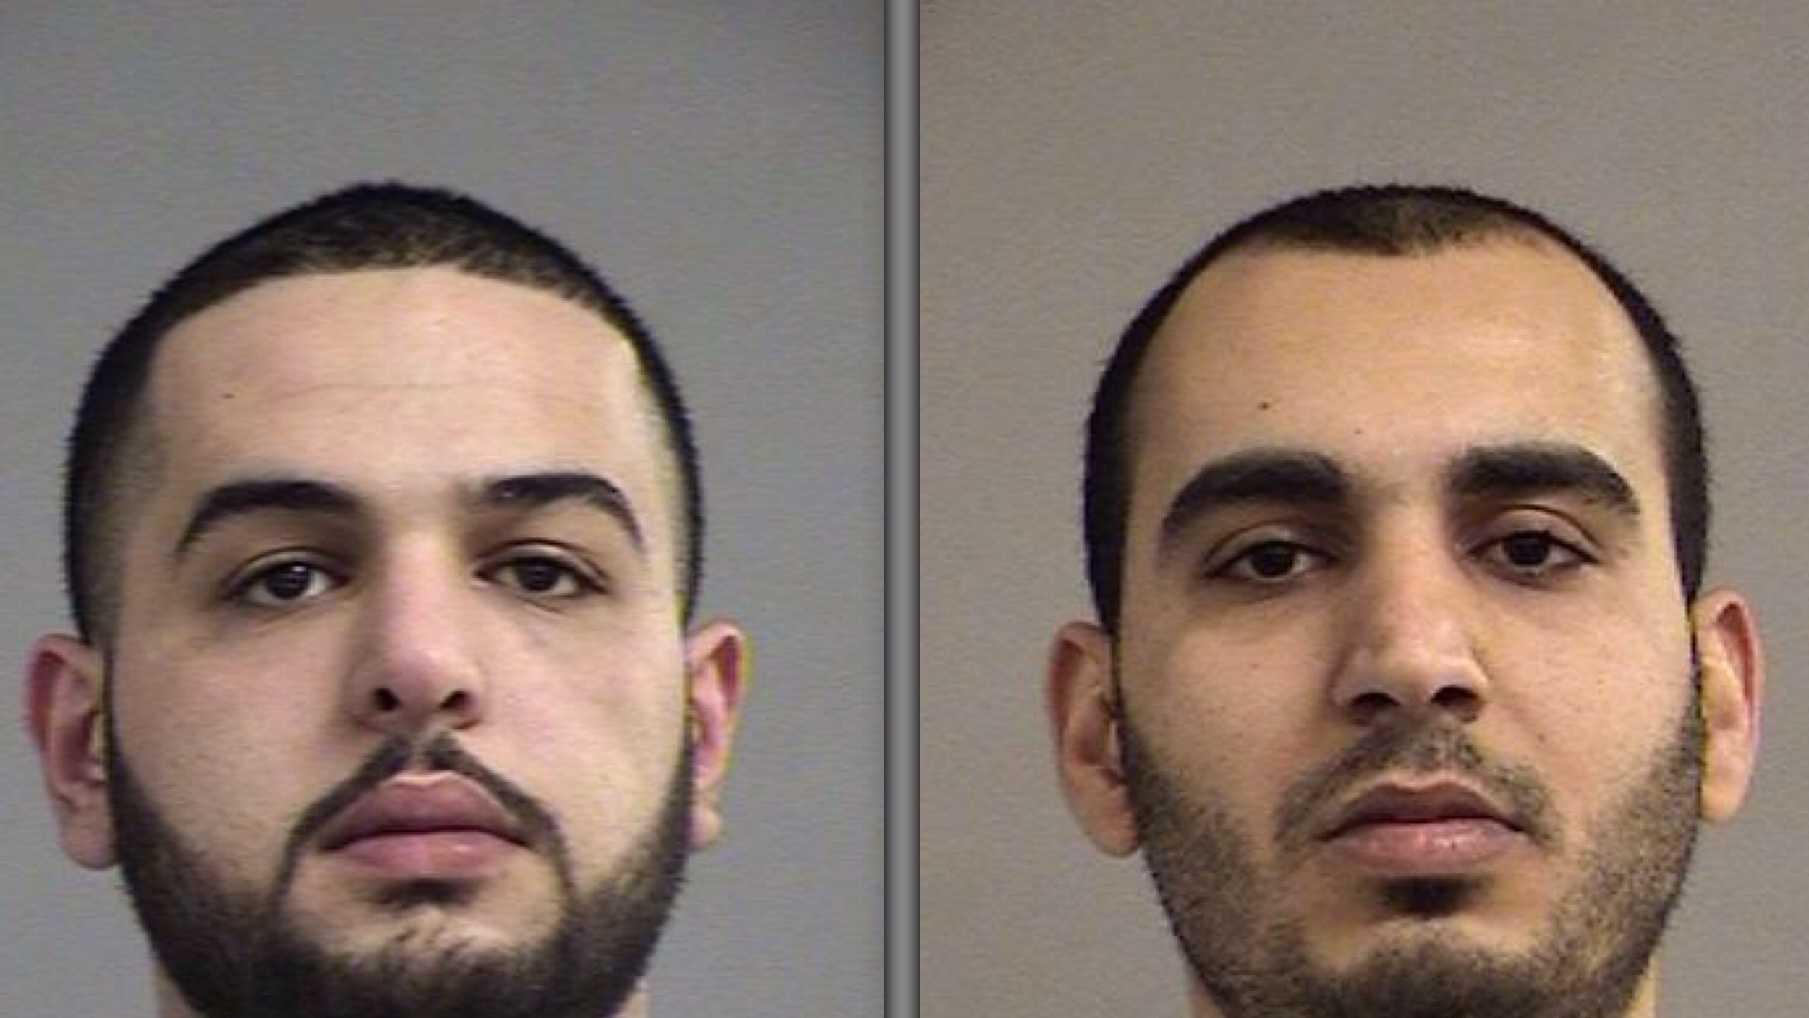 Hamza Aburub and Ahmad Mohammed